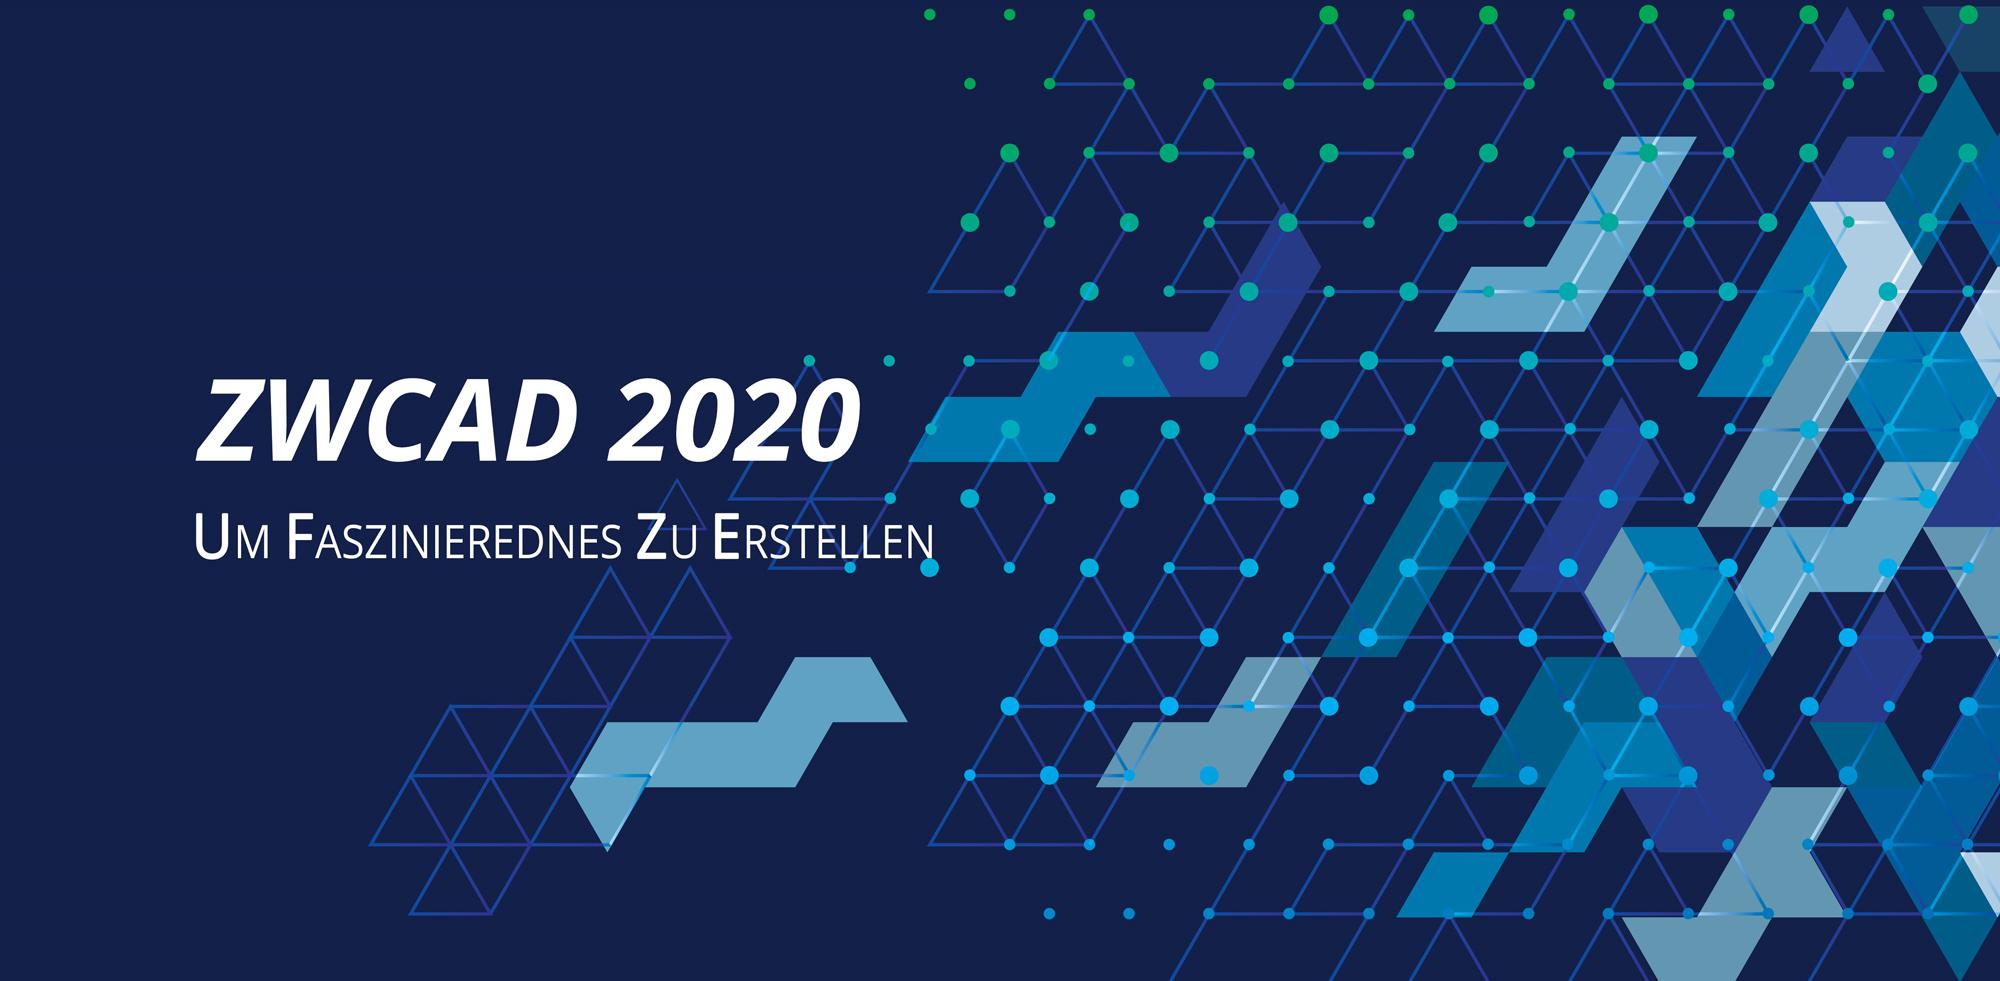 ZWCAD 2020 SP2: Veröffentlicht mit neuestem Benutzererlebnis